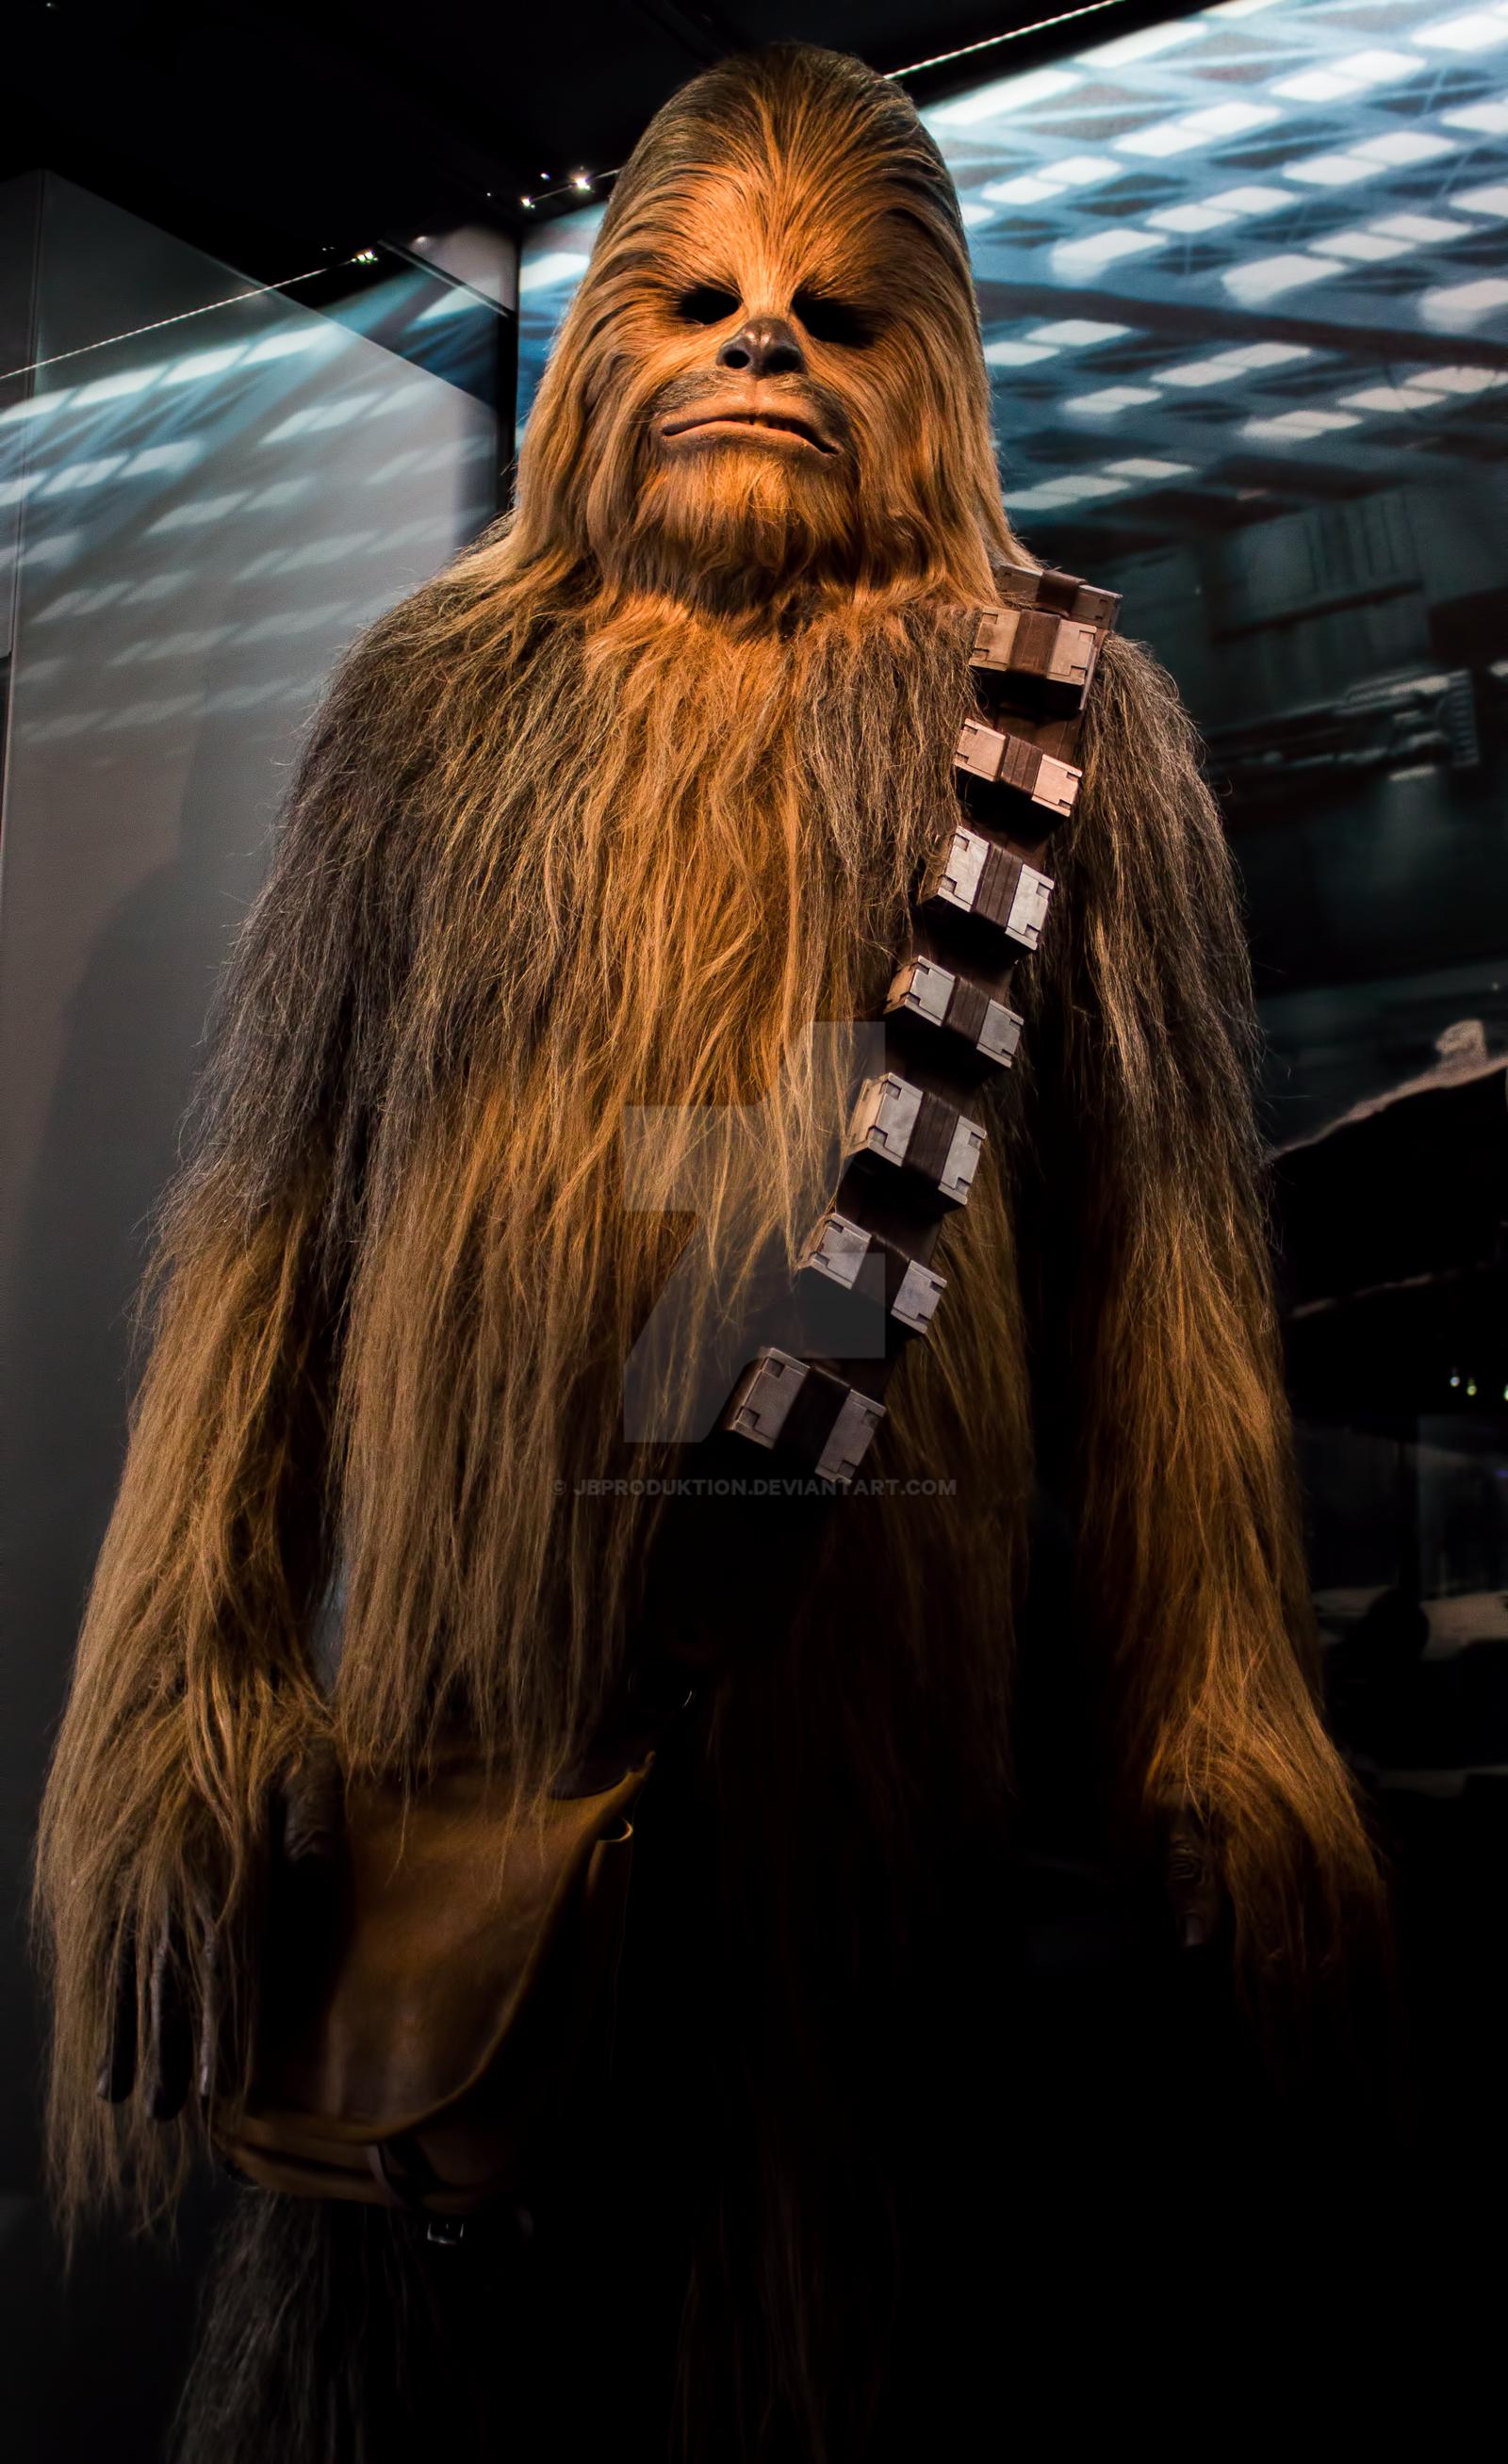 star wars identities chewbacca by jbproduktion on deviantart